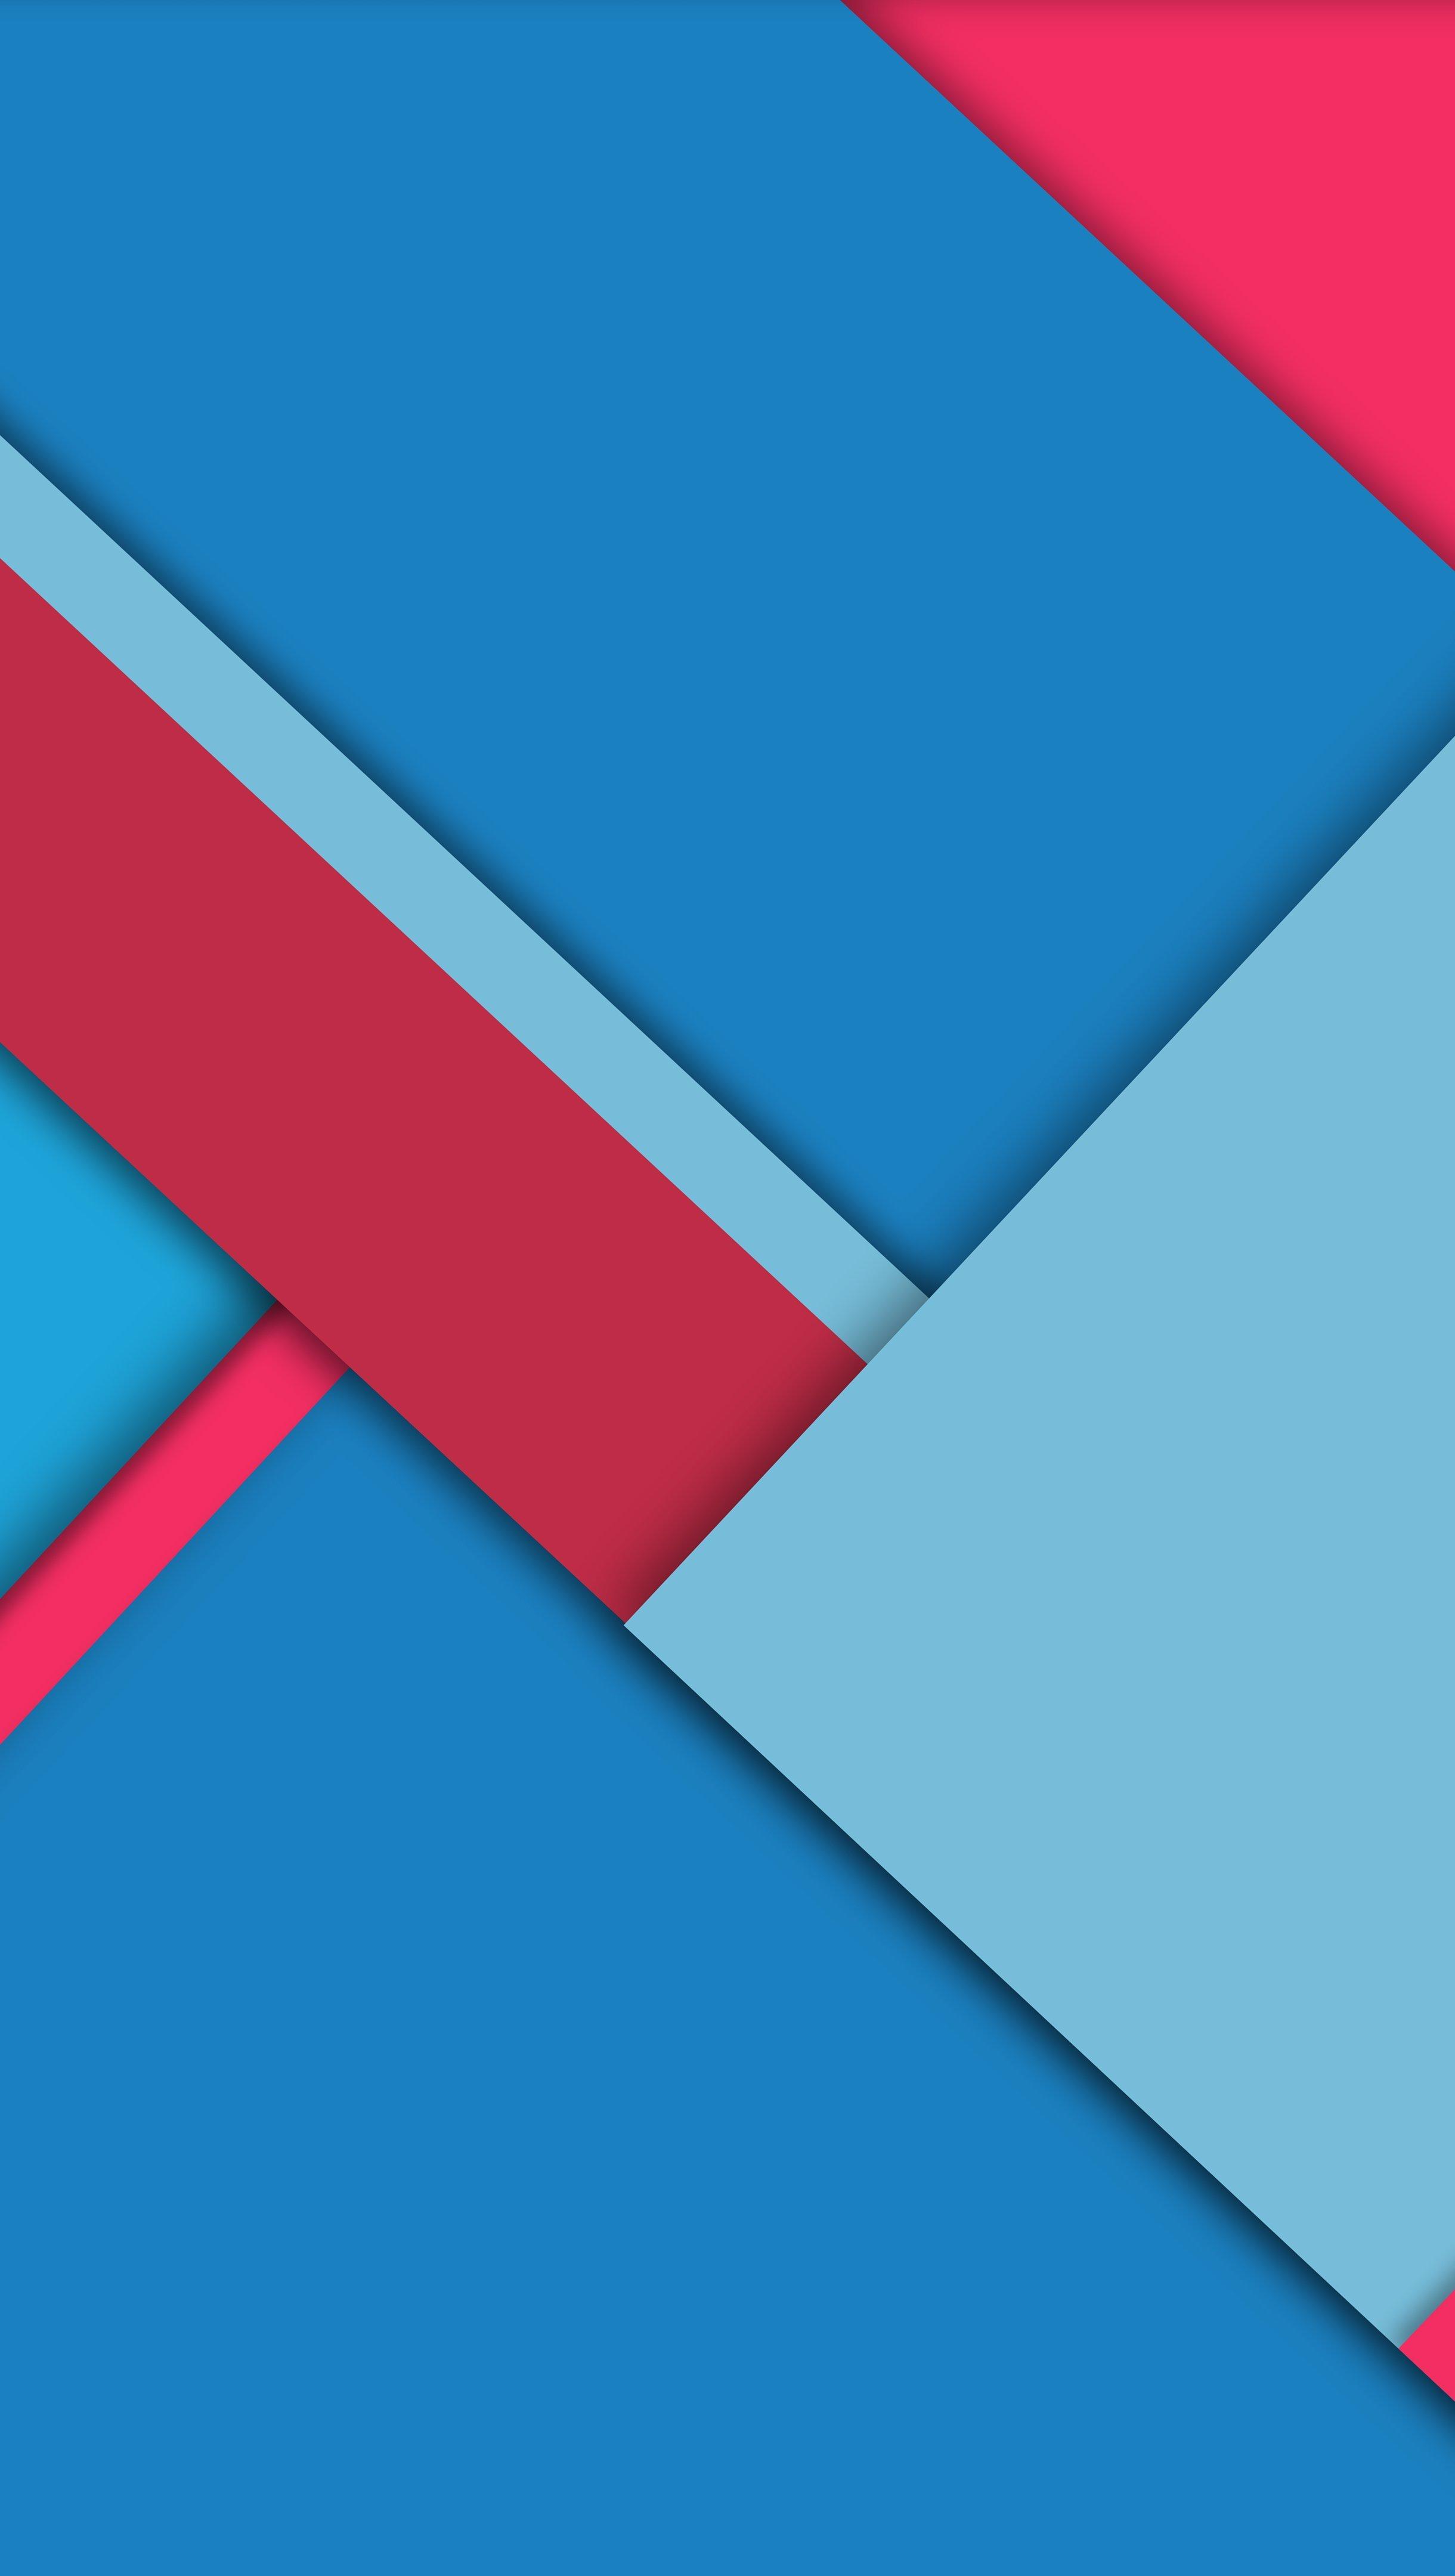 Fondos de pantalla Azul y rojo en bloques Vertical